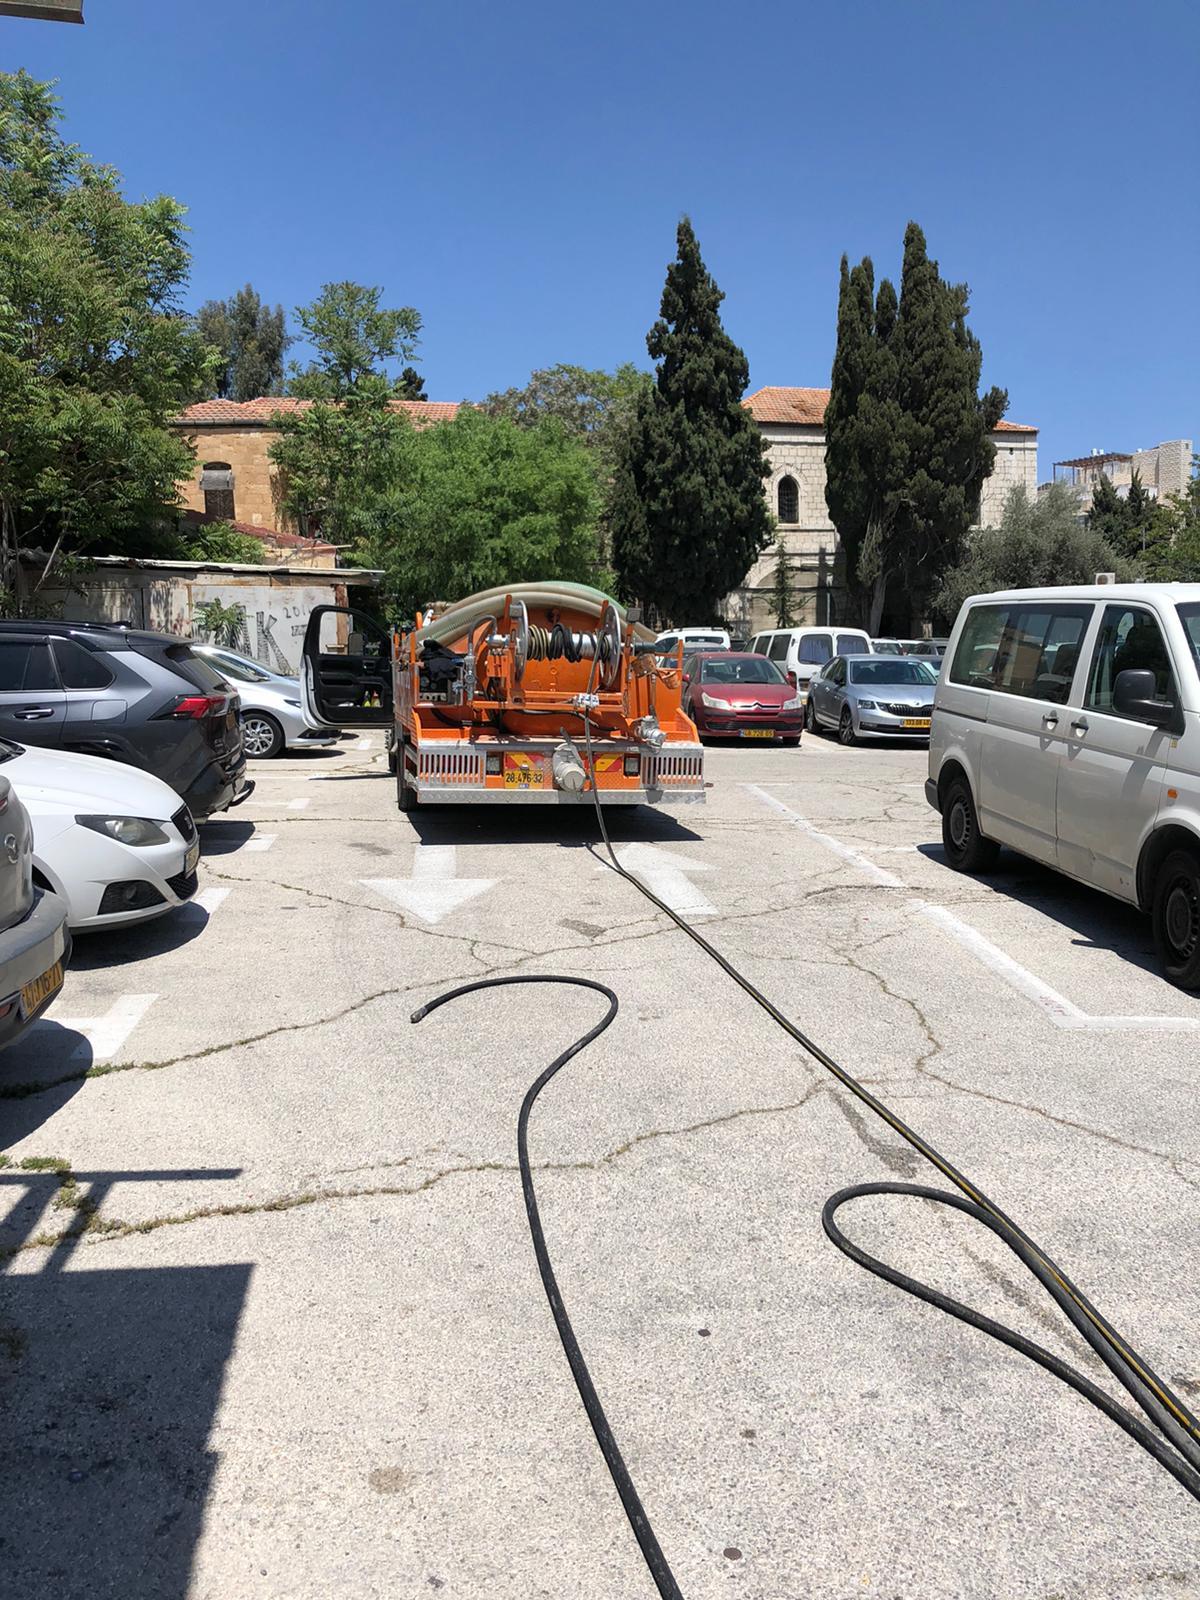 עבודה מיוחדת בחניון פרטי בירושלים, 2 סתימות ושאיבת הצפה מהמסדרון.